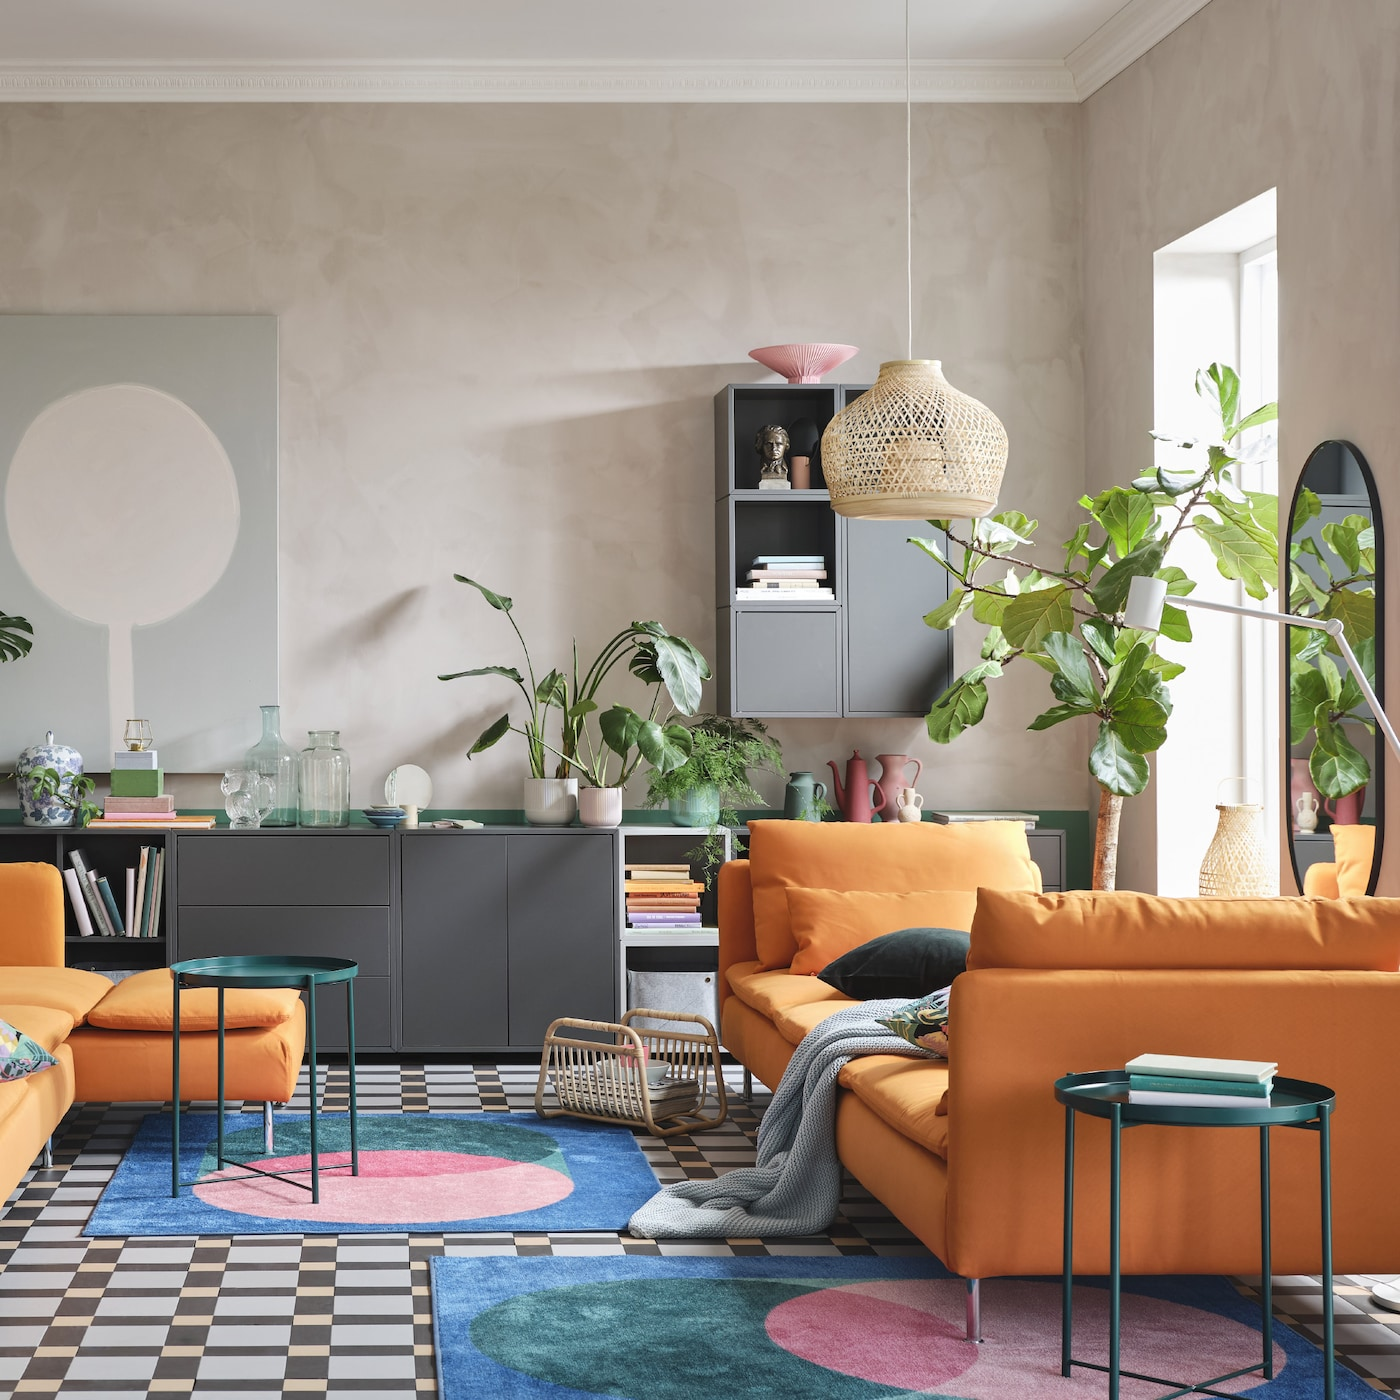 Vardagsrum med soffa och schäslonger i orange, skåpkombination i grått, färgstarka mattor och gröna brickbord.